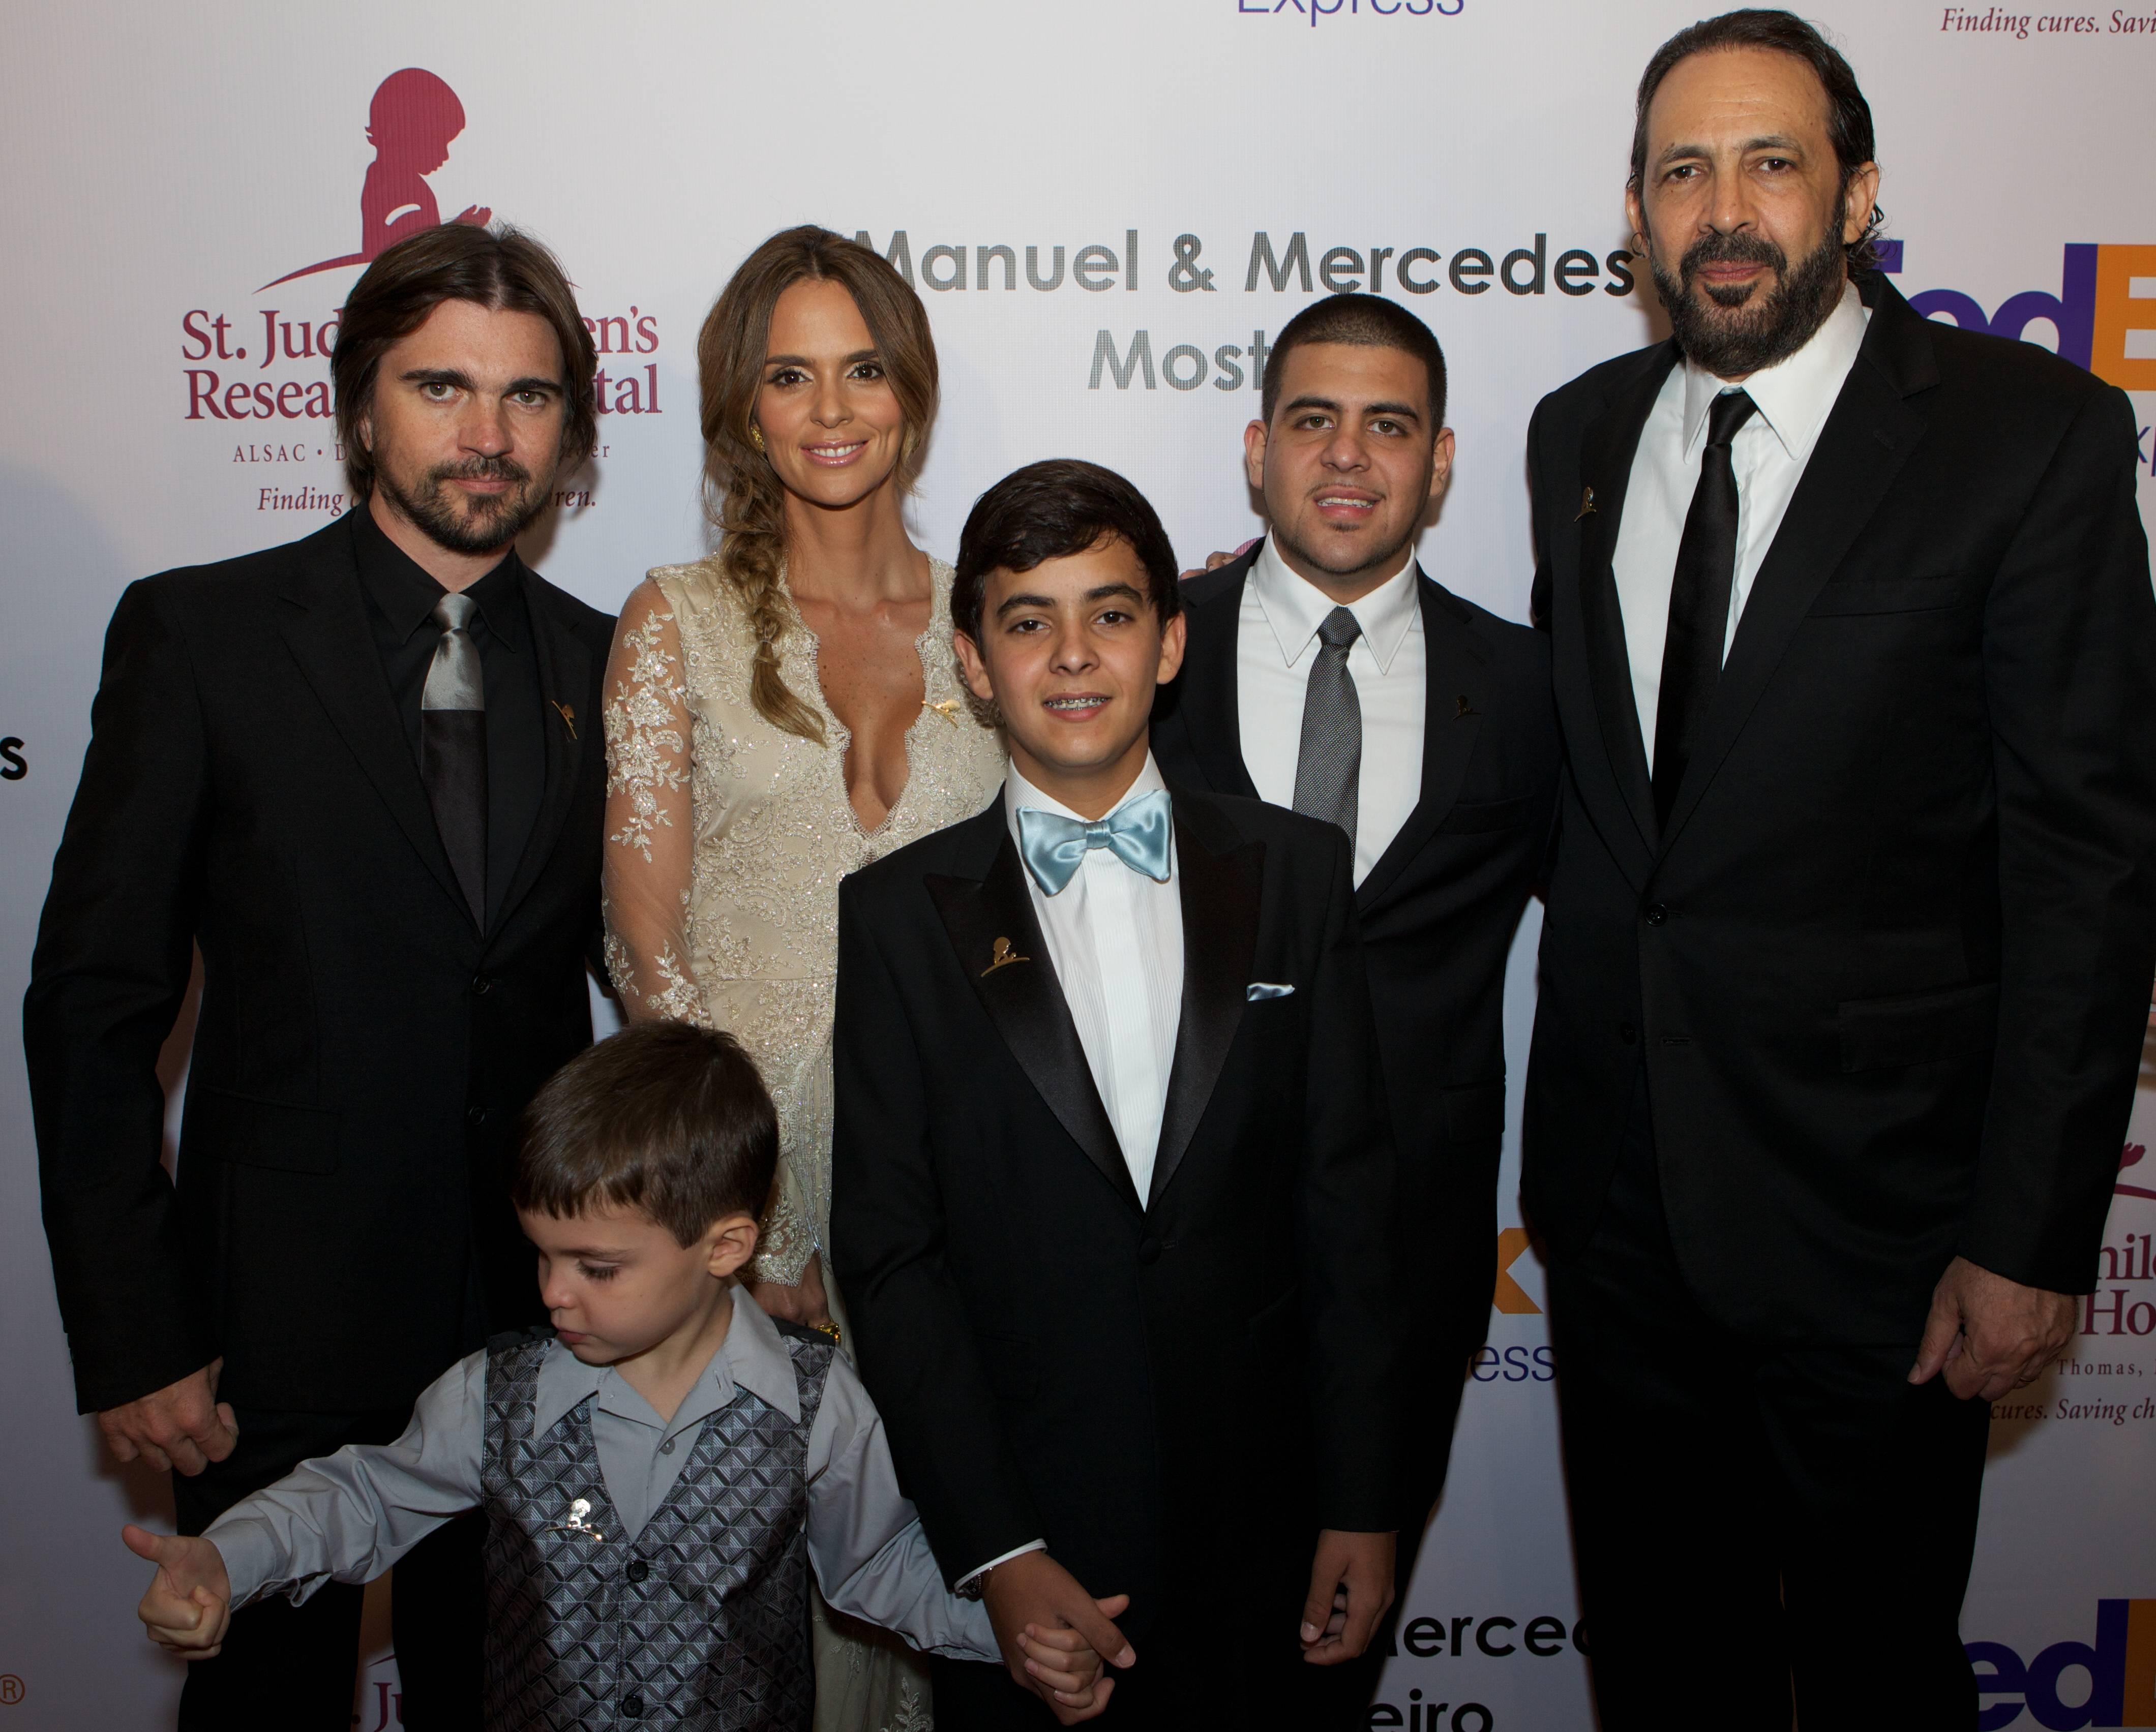 Juanes, Karen Martinez, Juan Luis Guerra , St. Jude Patients Victor, Stephan and Carlos